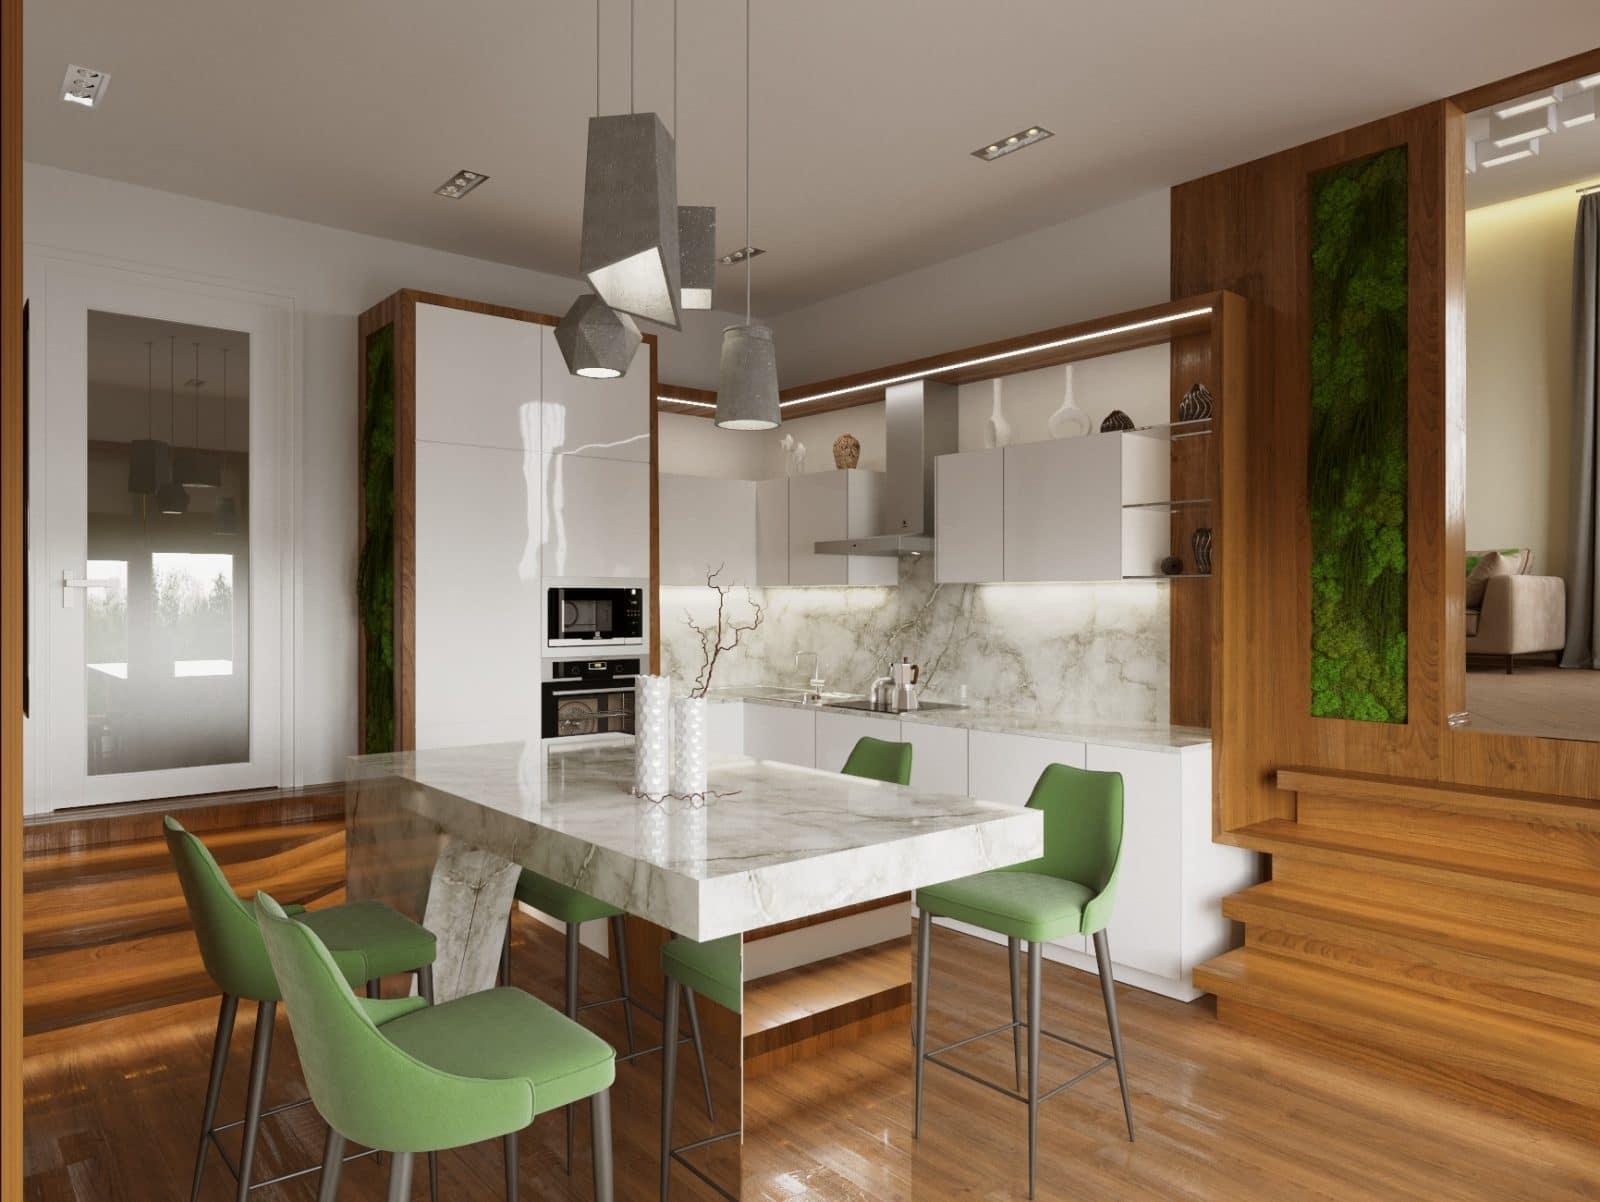 Уютный и практичный дизайн интерьера в скандинавском стилеЖенские радости